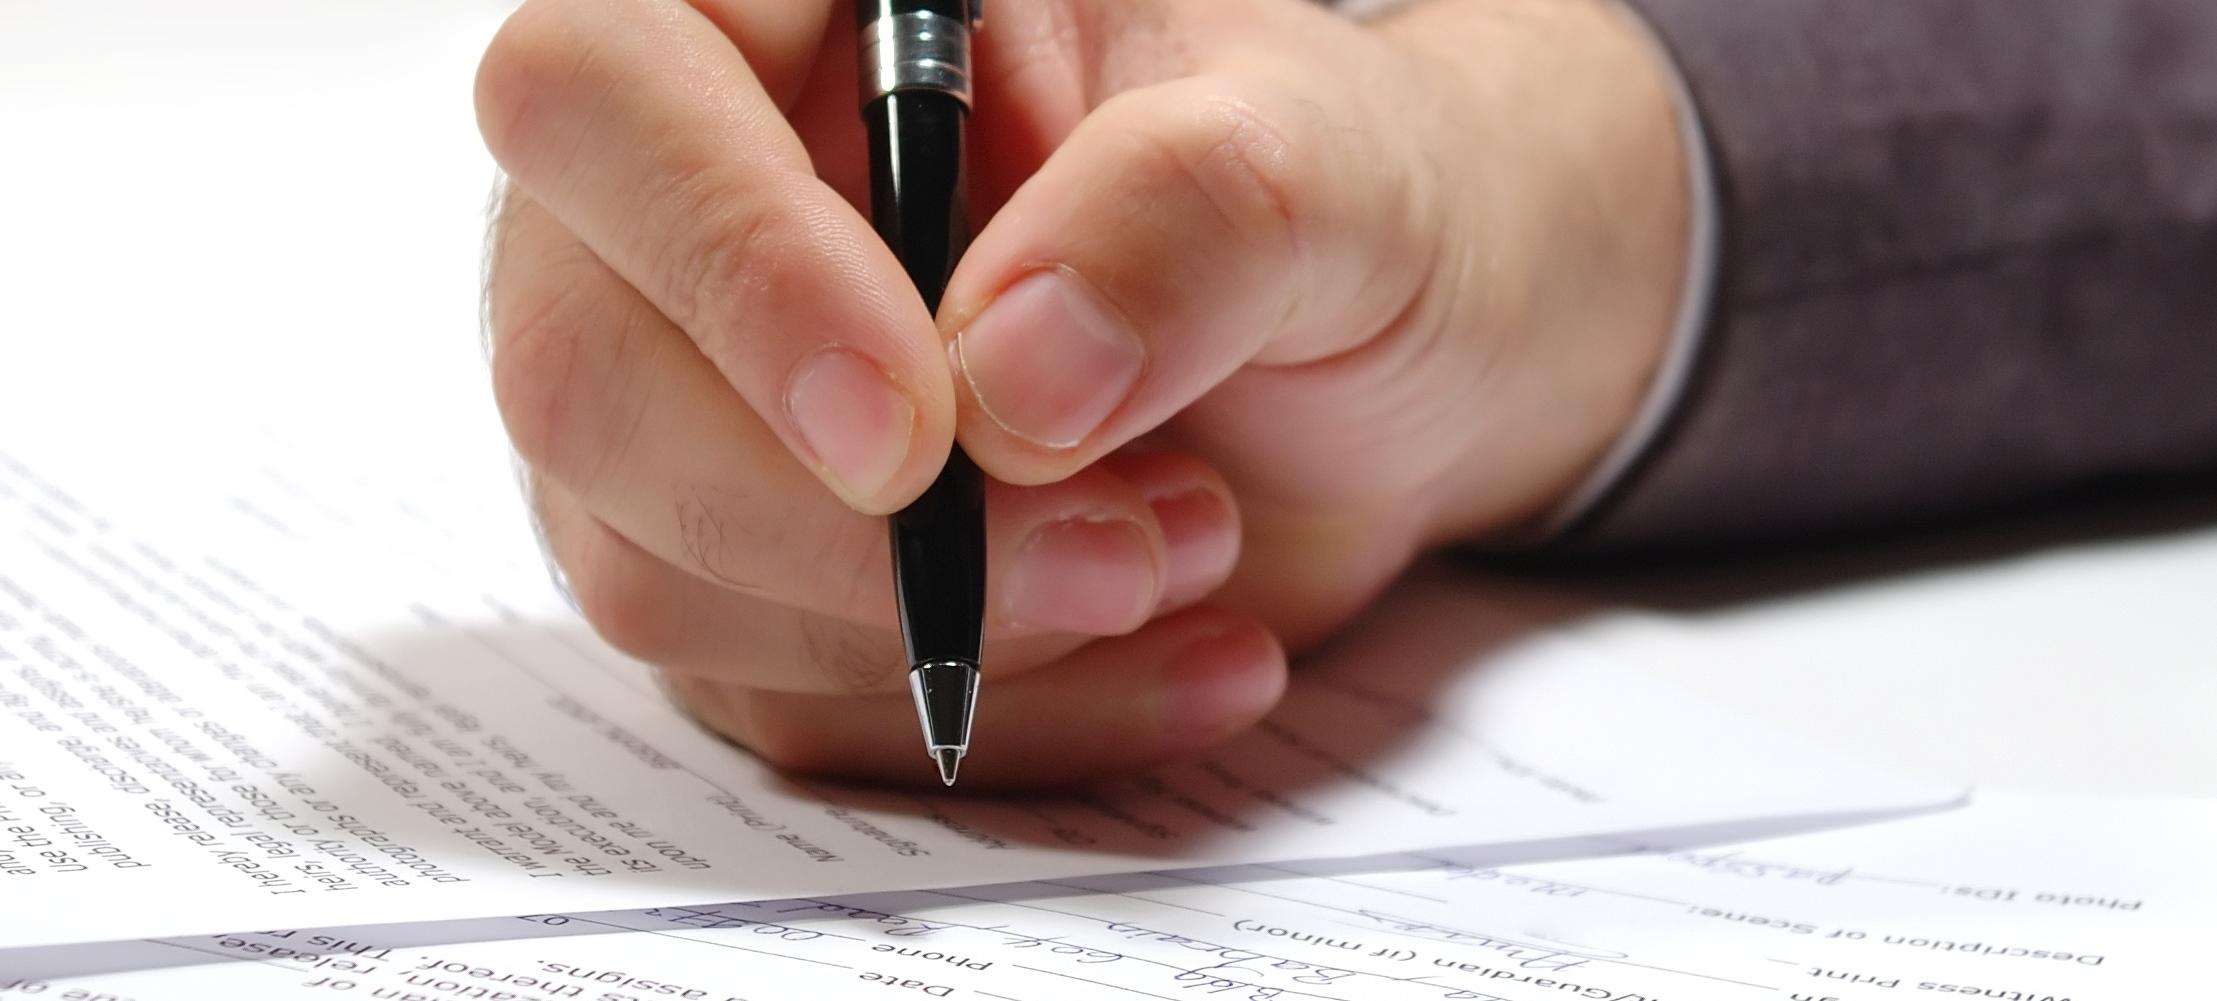 Precisa alterar as coberturas do seu contrato de seguro?  Saiba como resolver de forma rápida e descomplicada